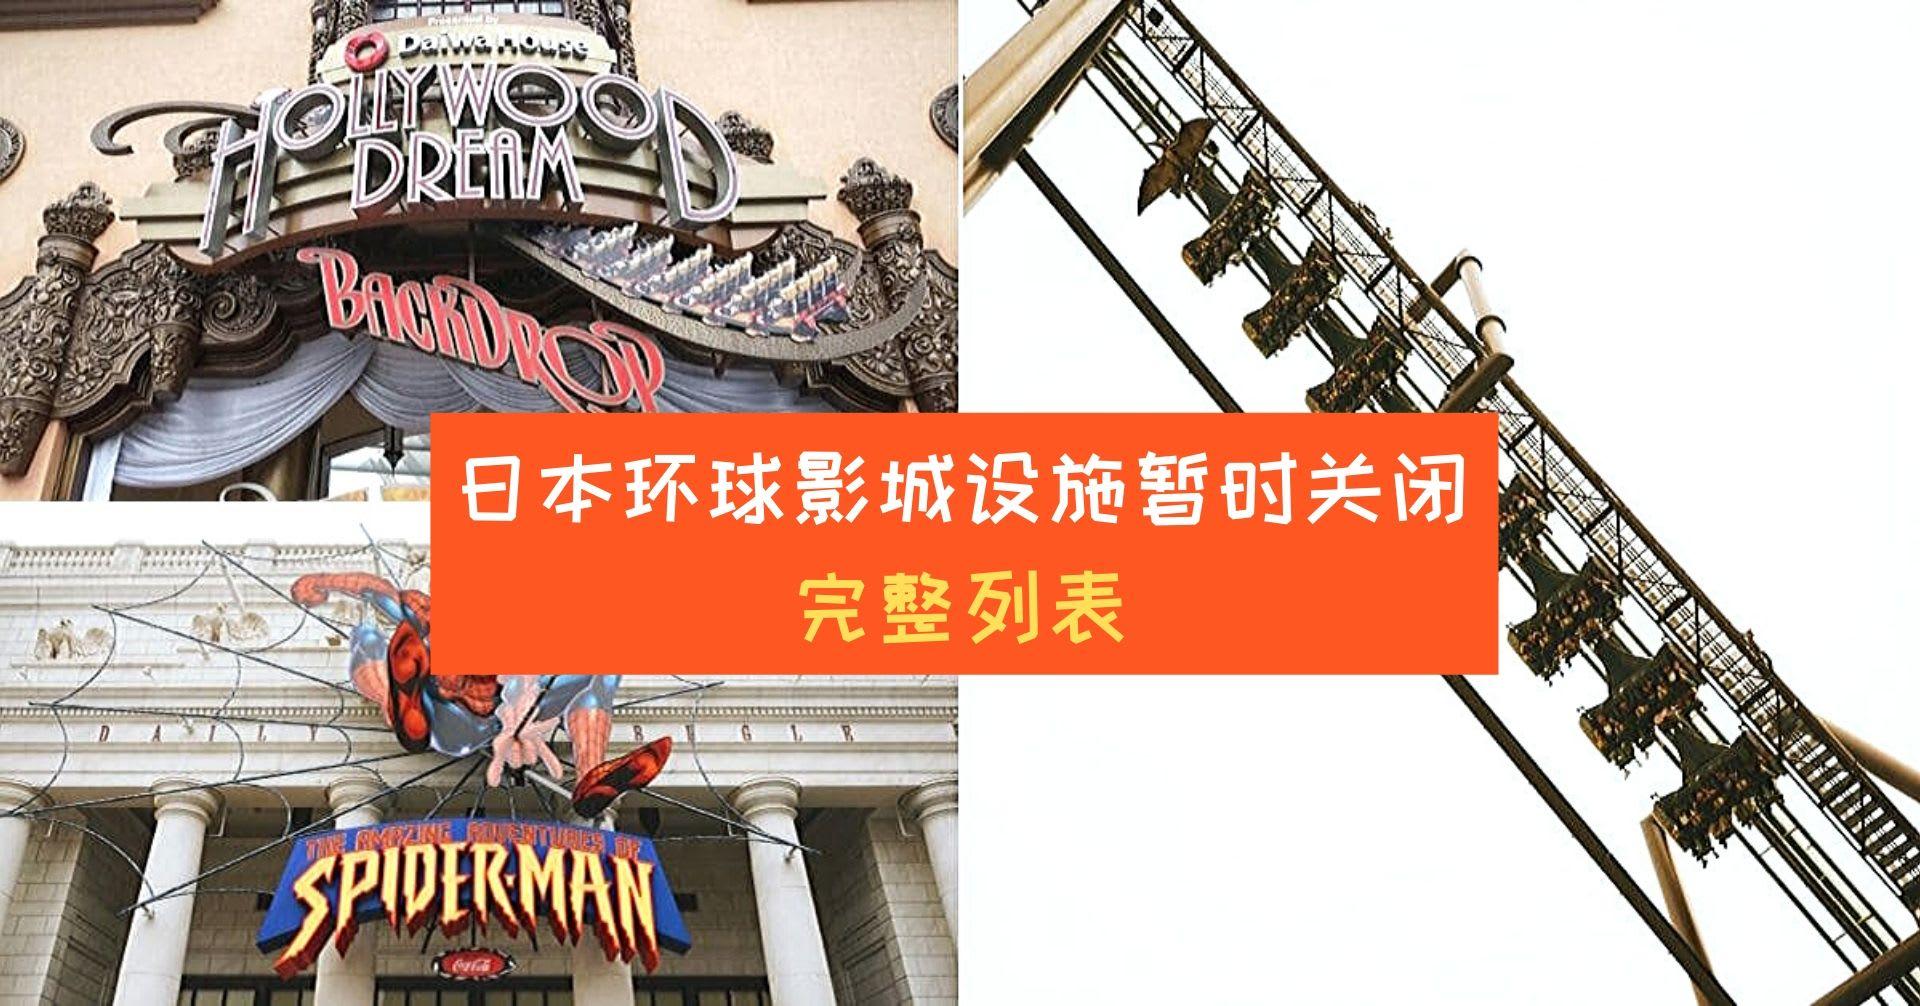 「日本环球影城设施暂时关闭」 完整列表